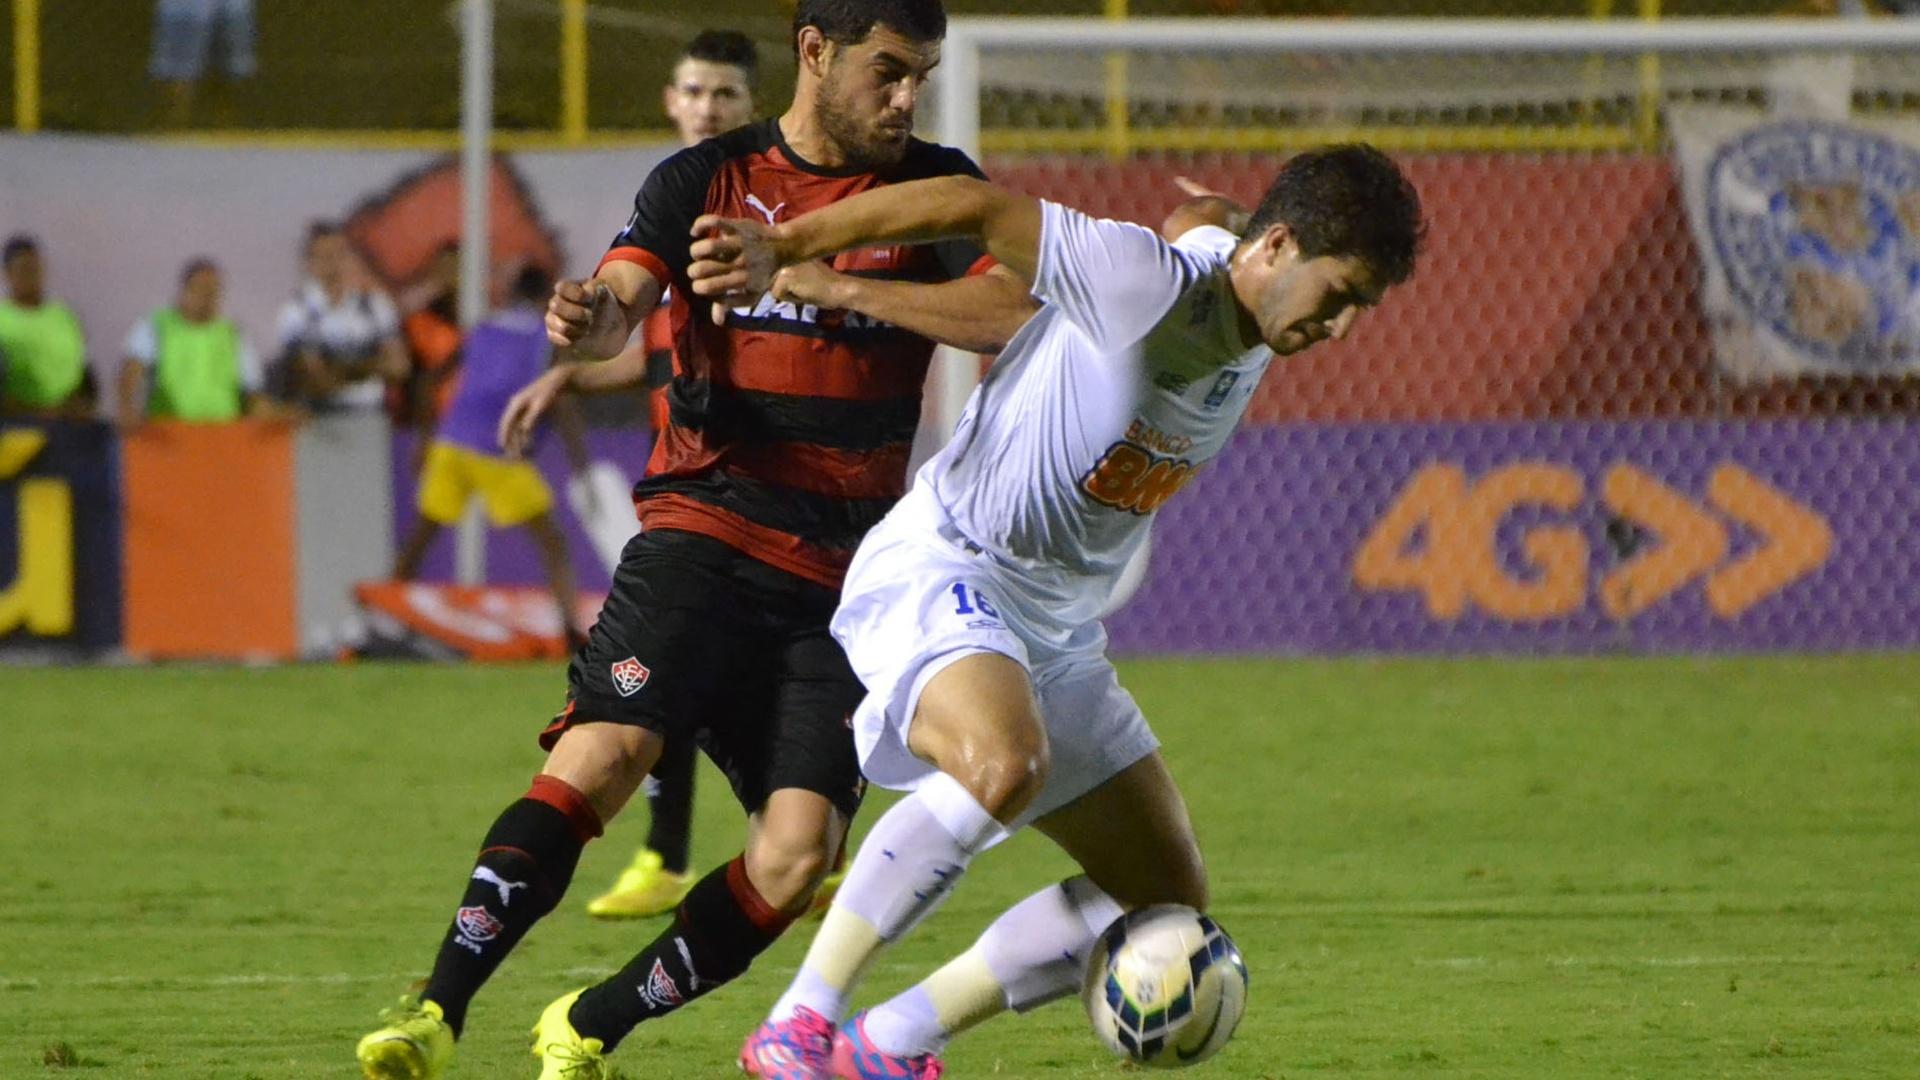 Vitória e Cruzeiro se enfrentaram no Estádio do Barradão, em Salvador